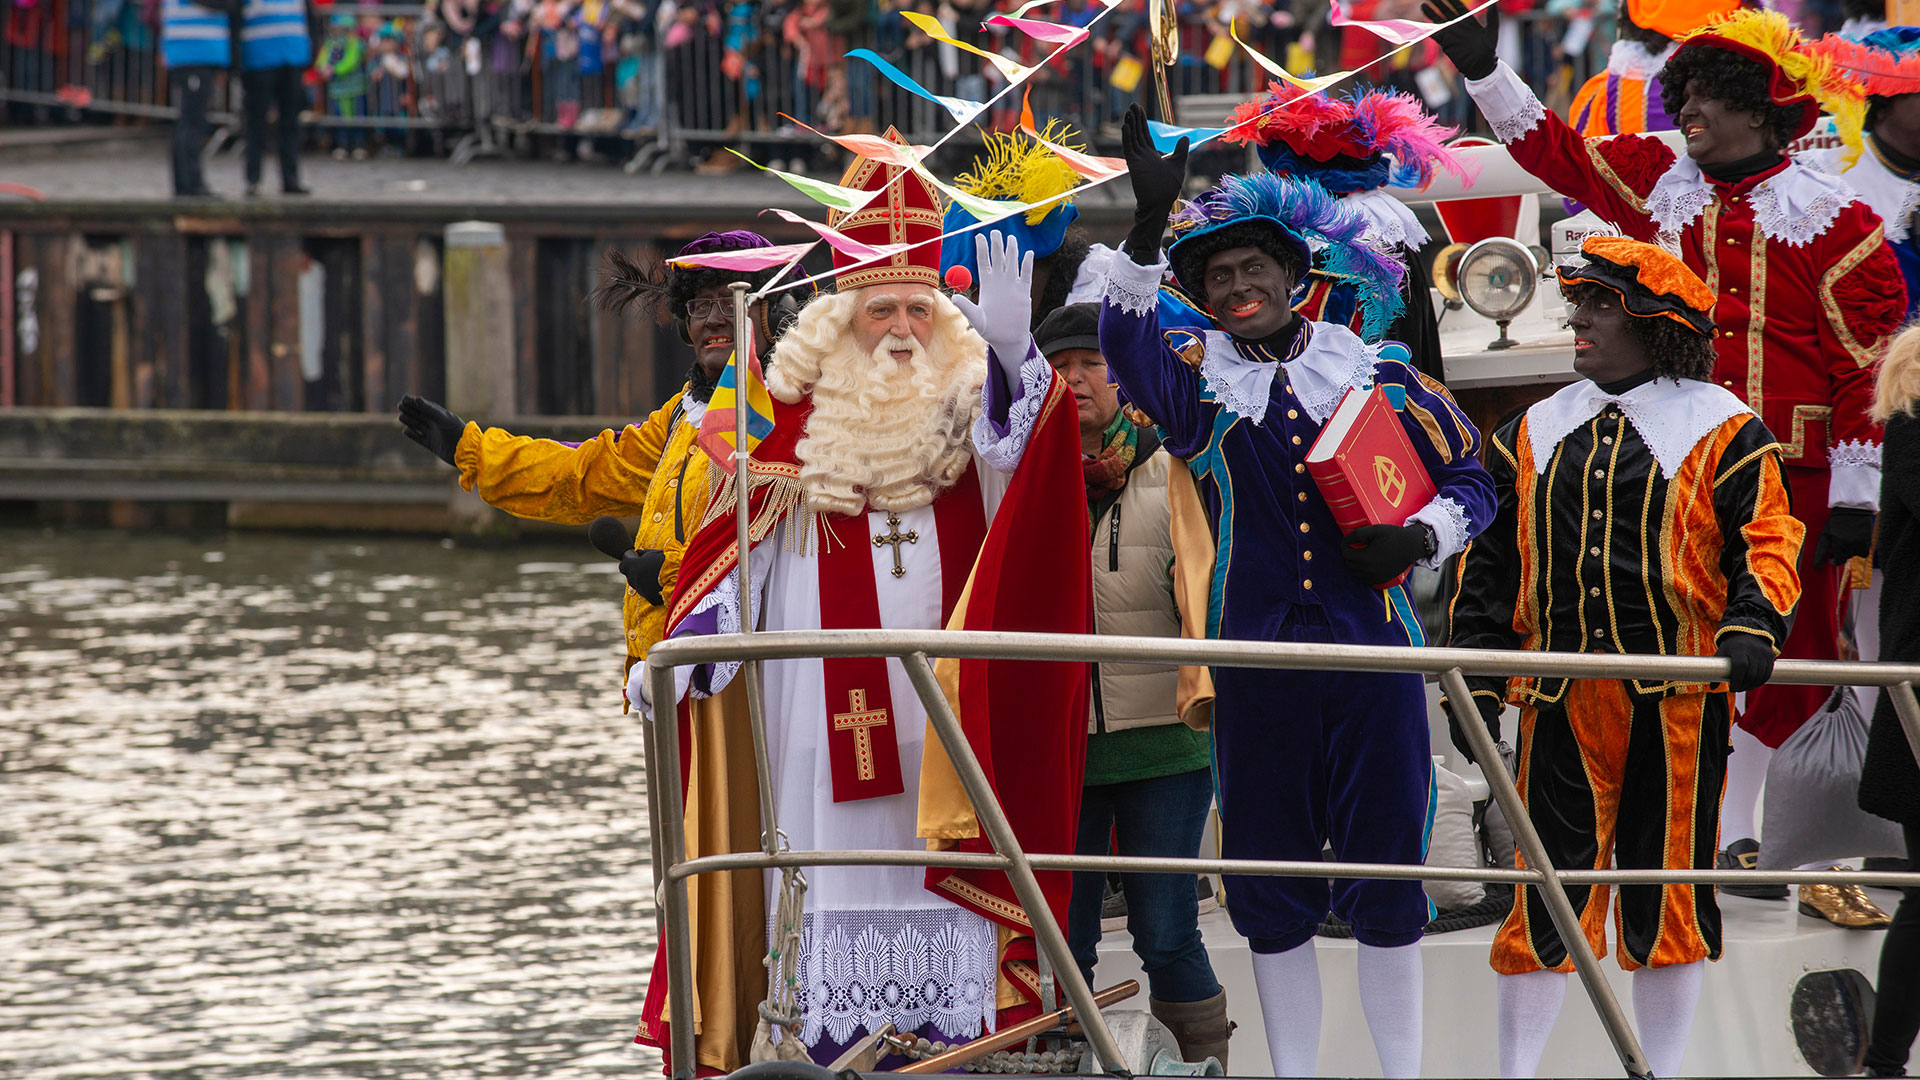 Immaterieel Cultureel Erfgoed - Sint en Zwarte Piet